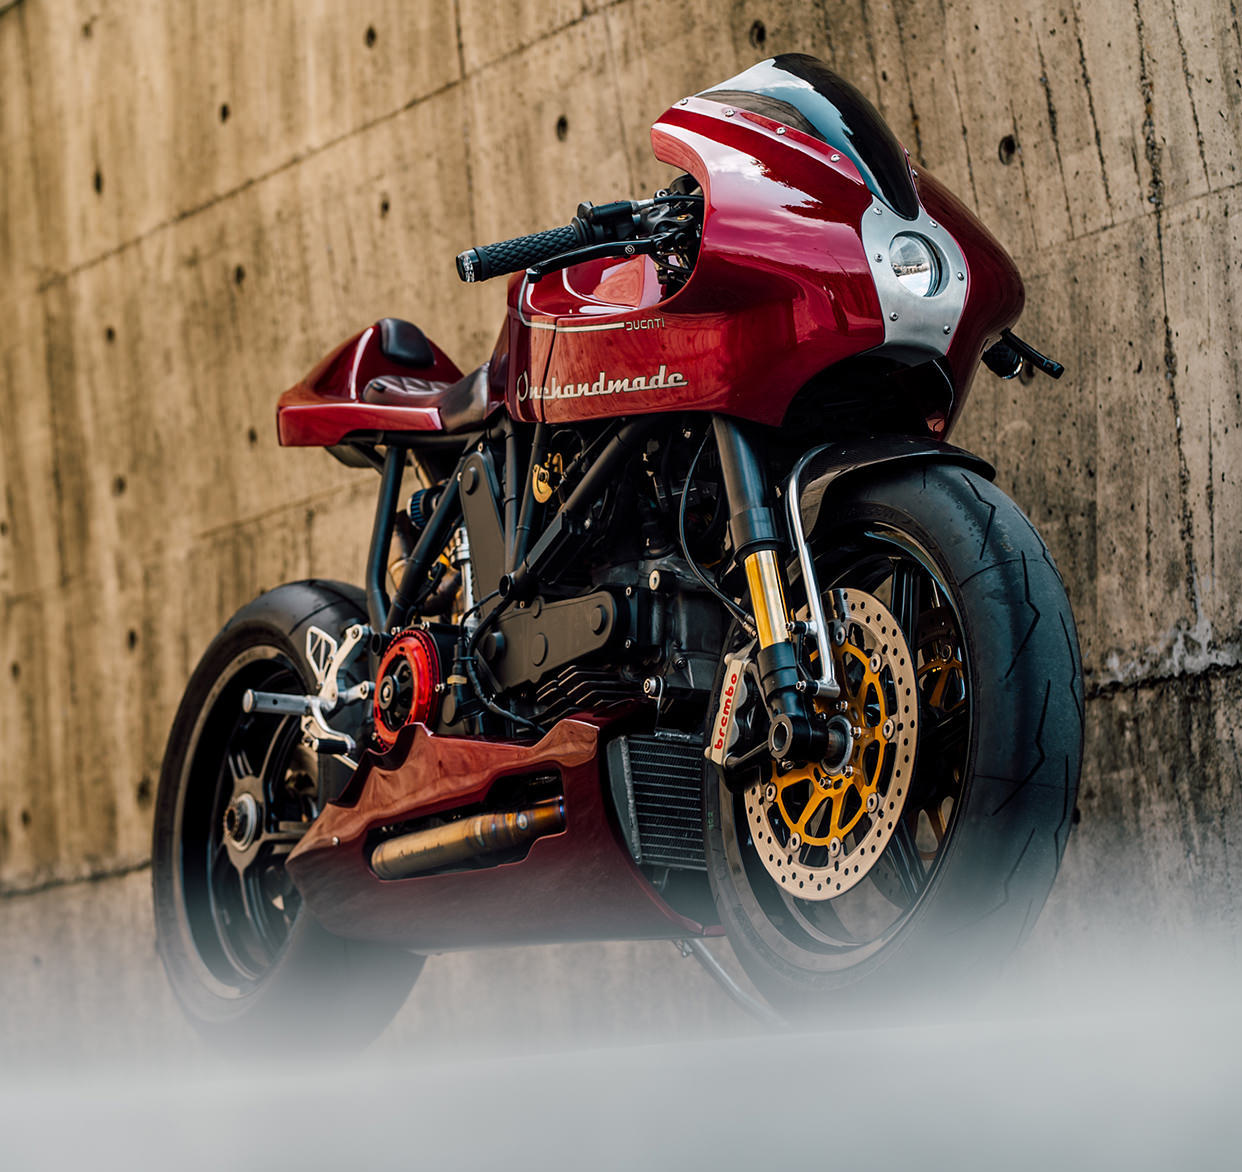 Ducati MH900E Onehandmade